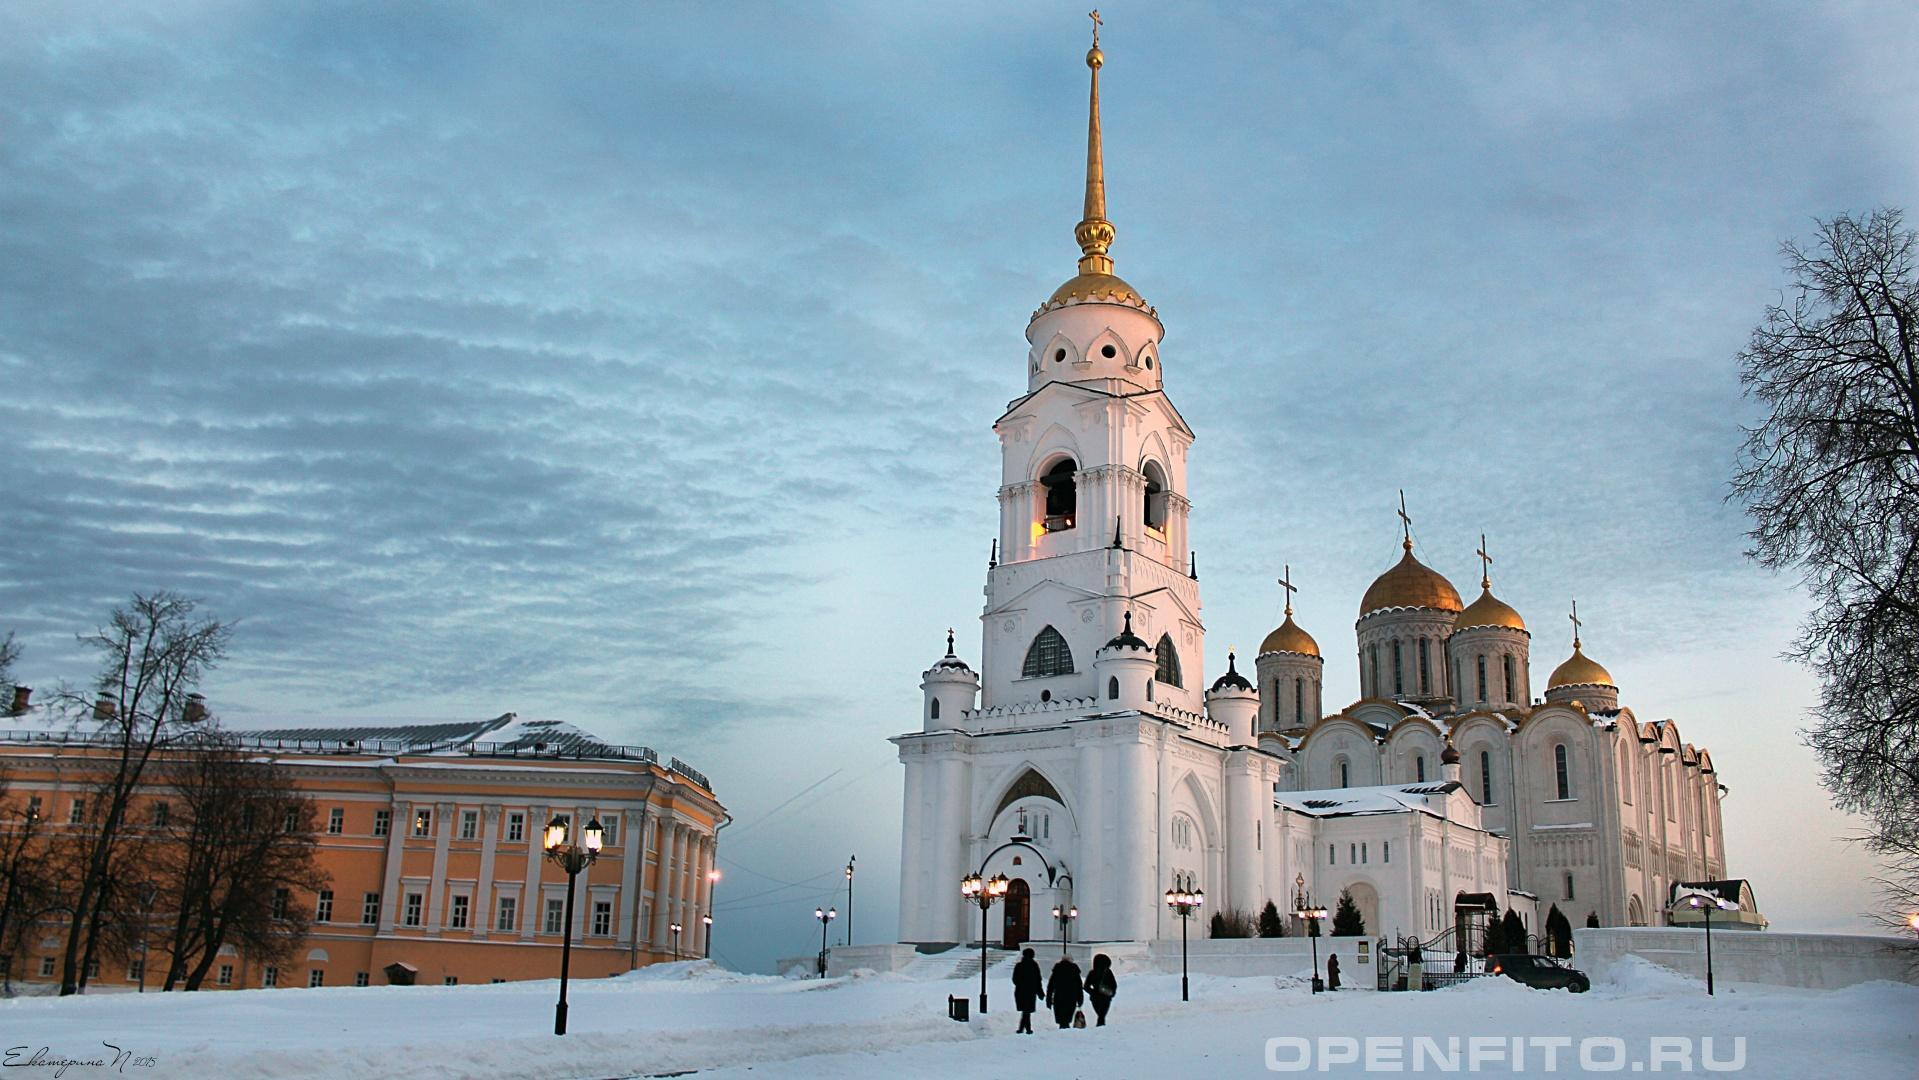 Успенскии собор Владимирская область, г. Владимир.